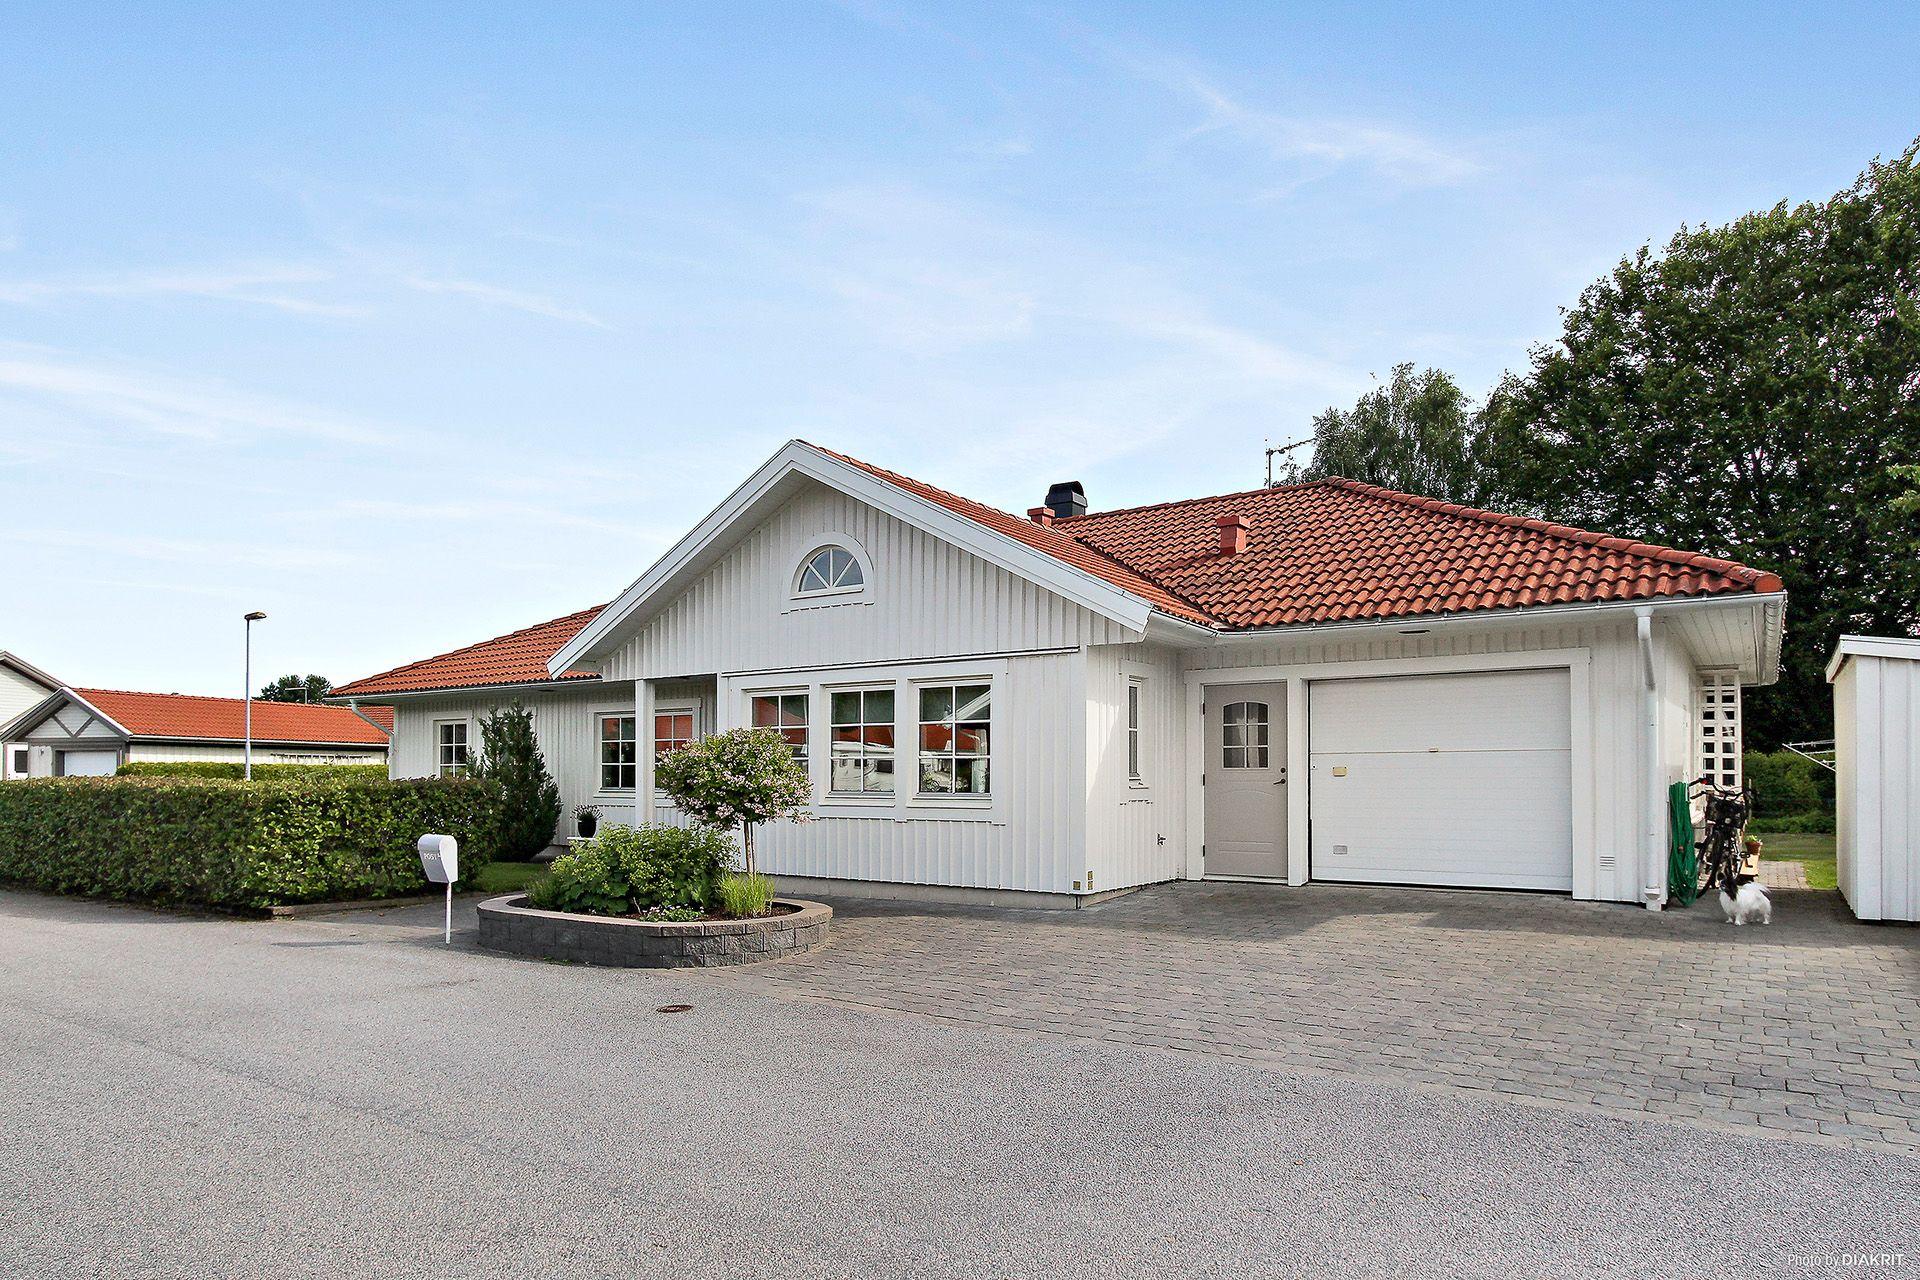 hus till salu lidköping